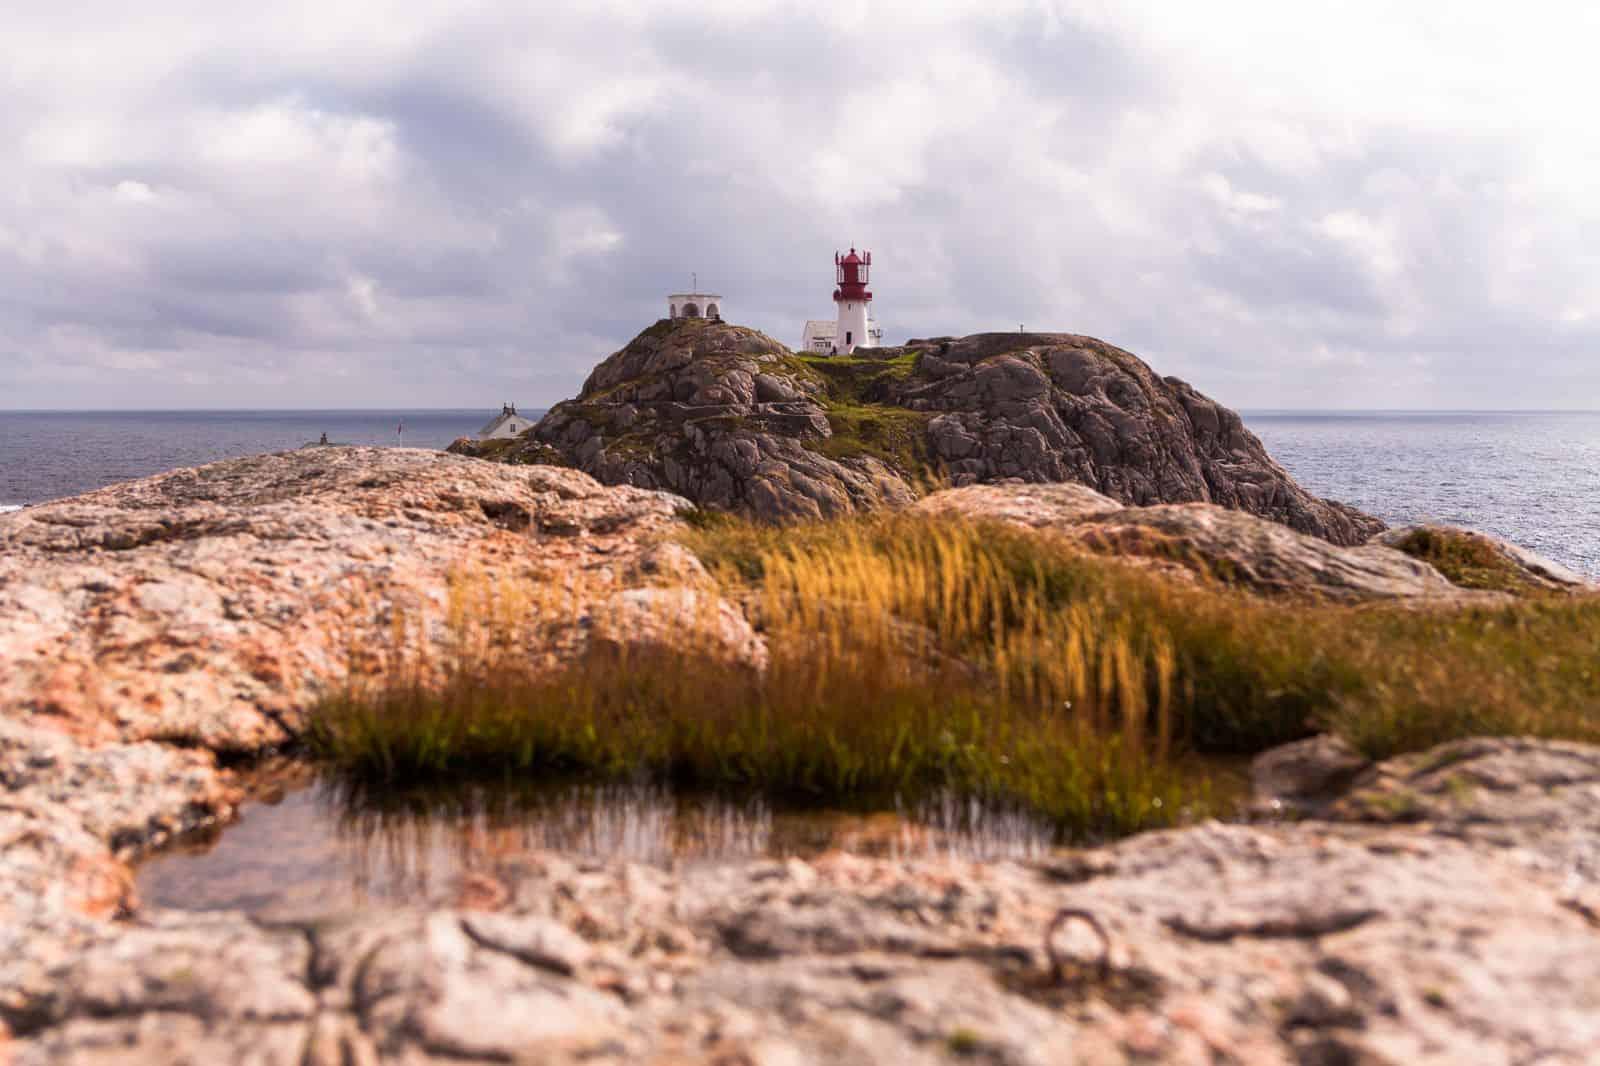 Nórsko ako nízkorozpočtová dovolenková destinácia - Lindesnes, Norsko, Tomas Kozik